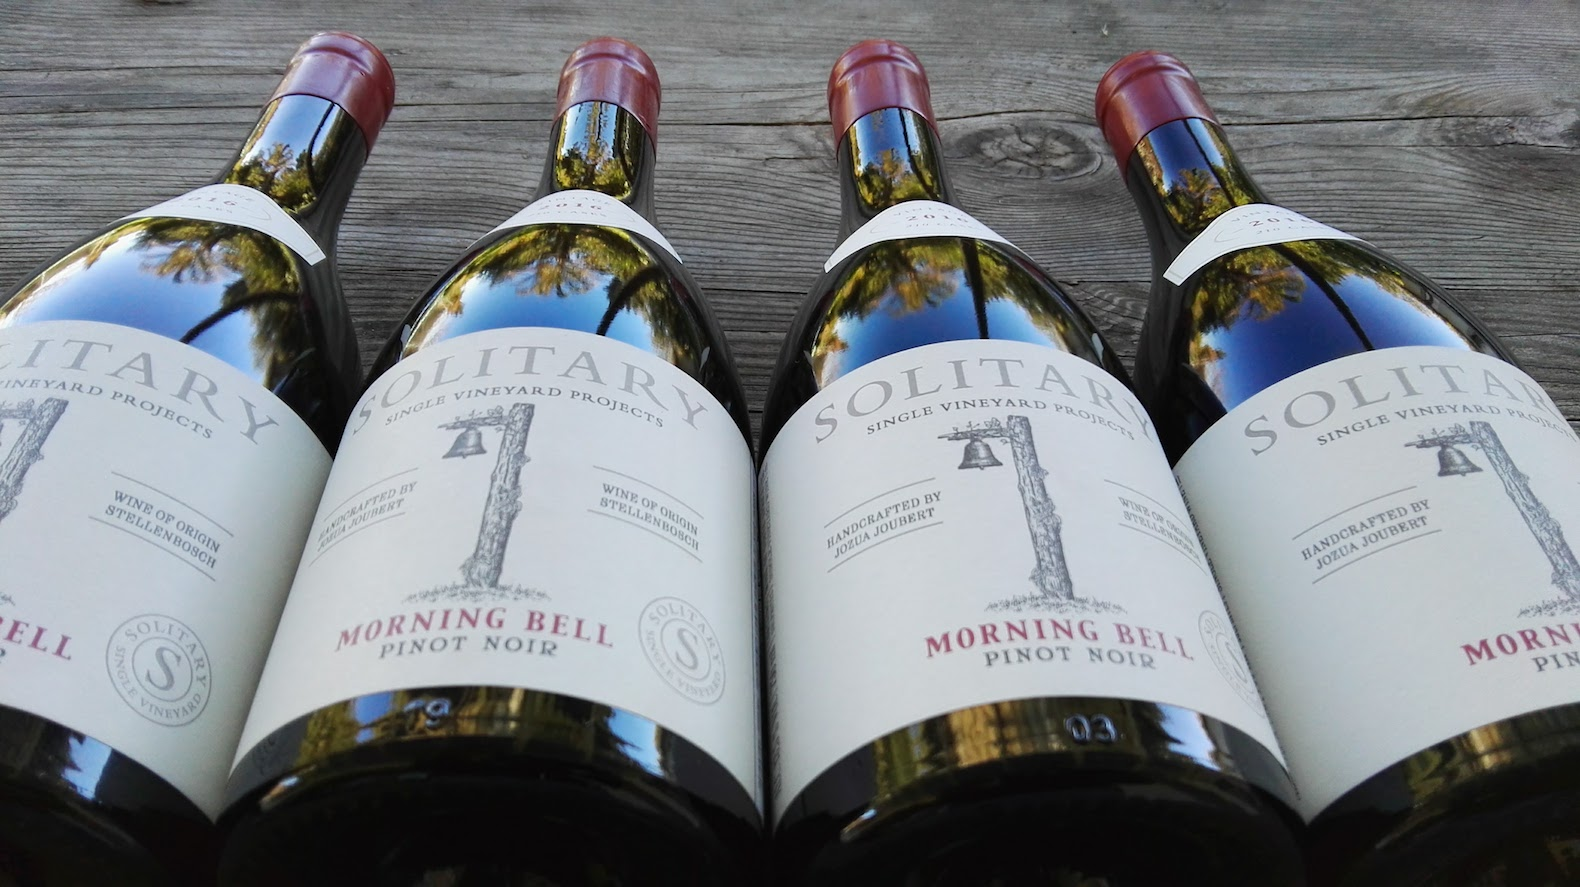 Solitary Pinot Noir